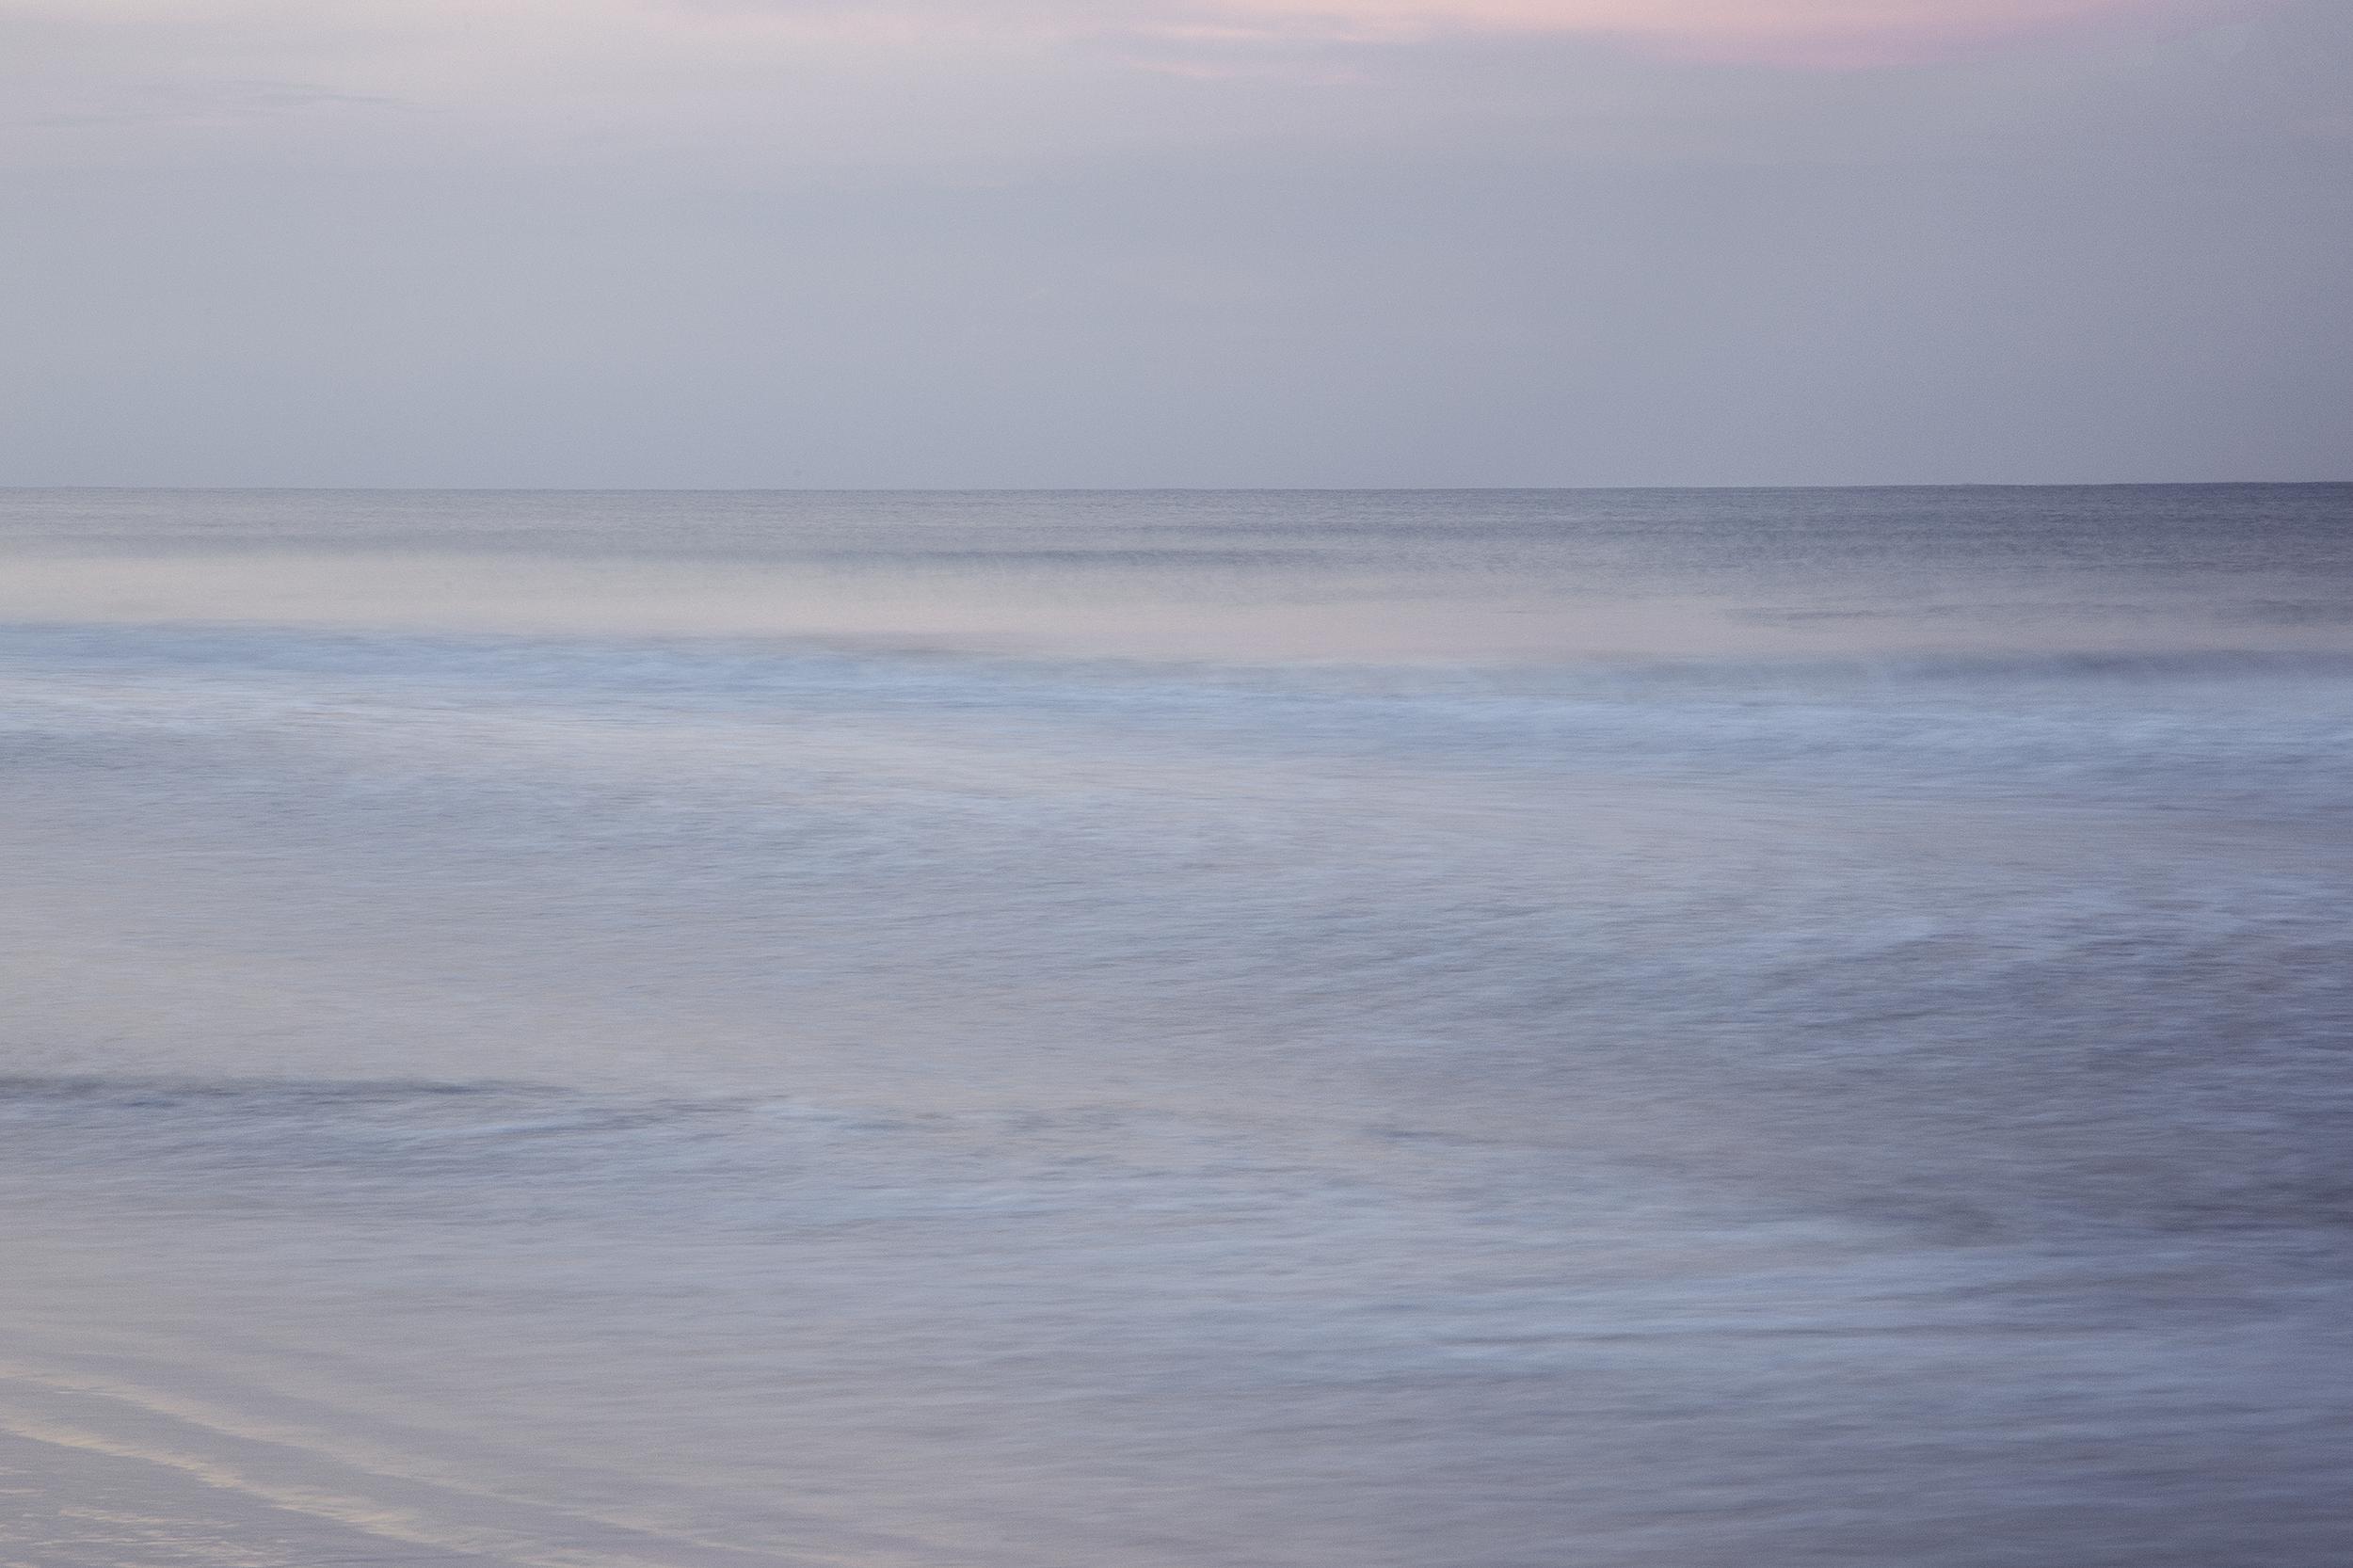 Seascape #11